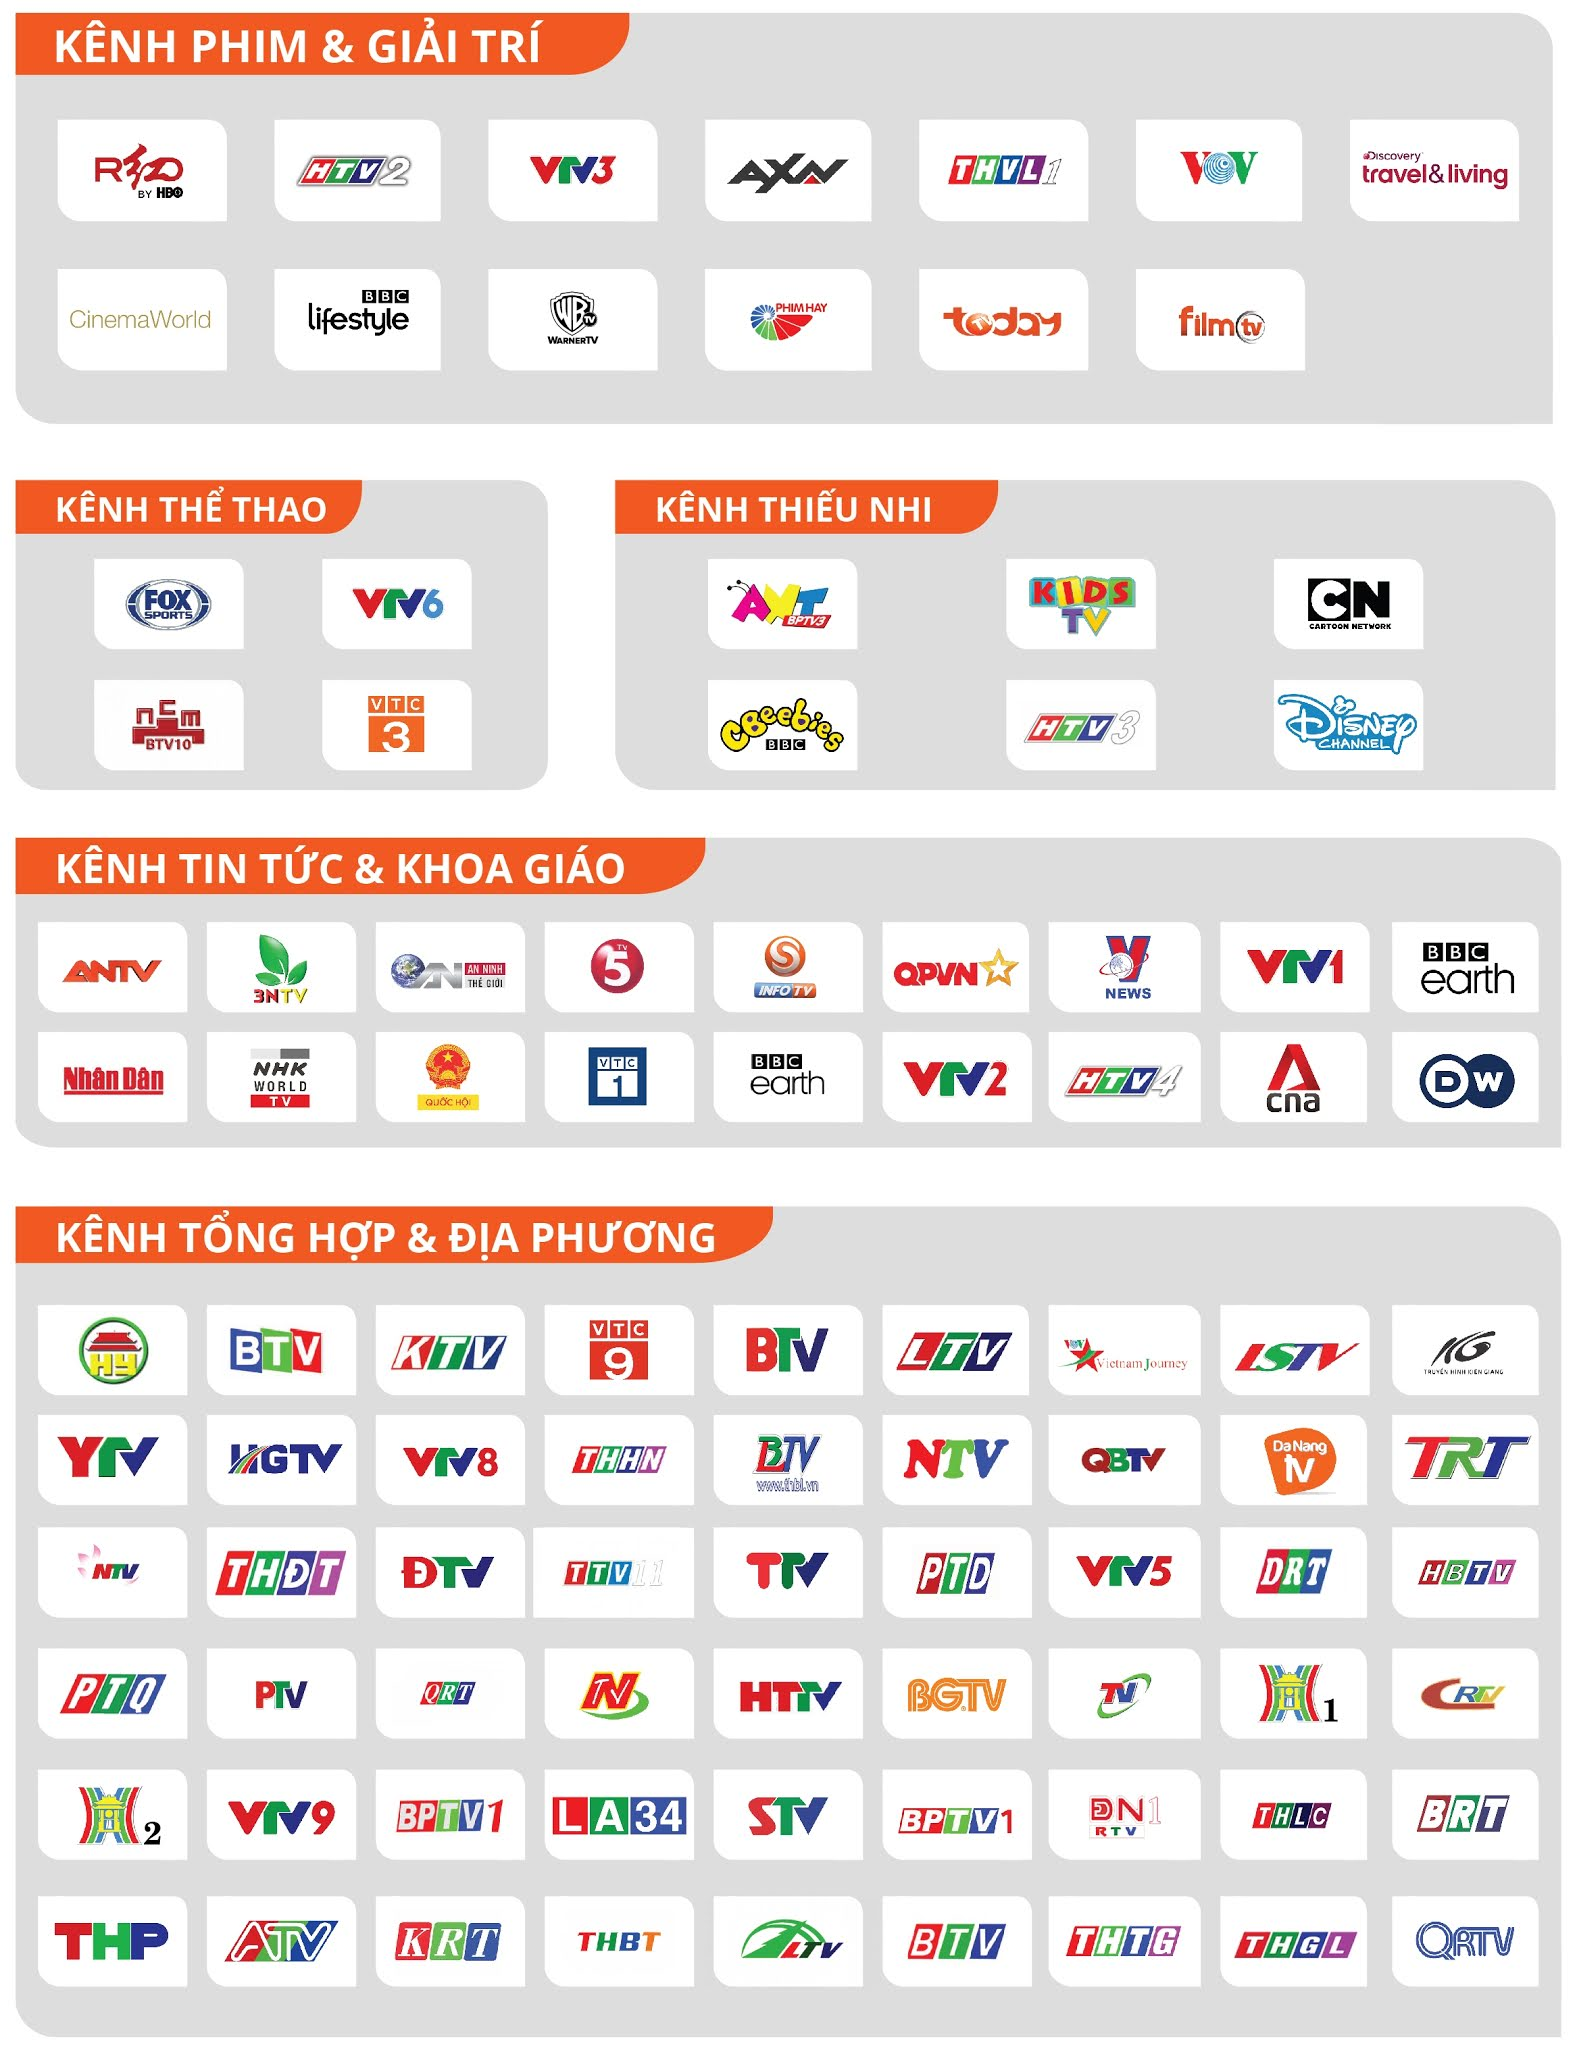 Danh sách kênh Gói cơ bản của truyền hình AVG